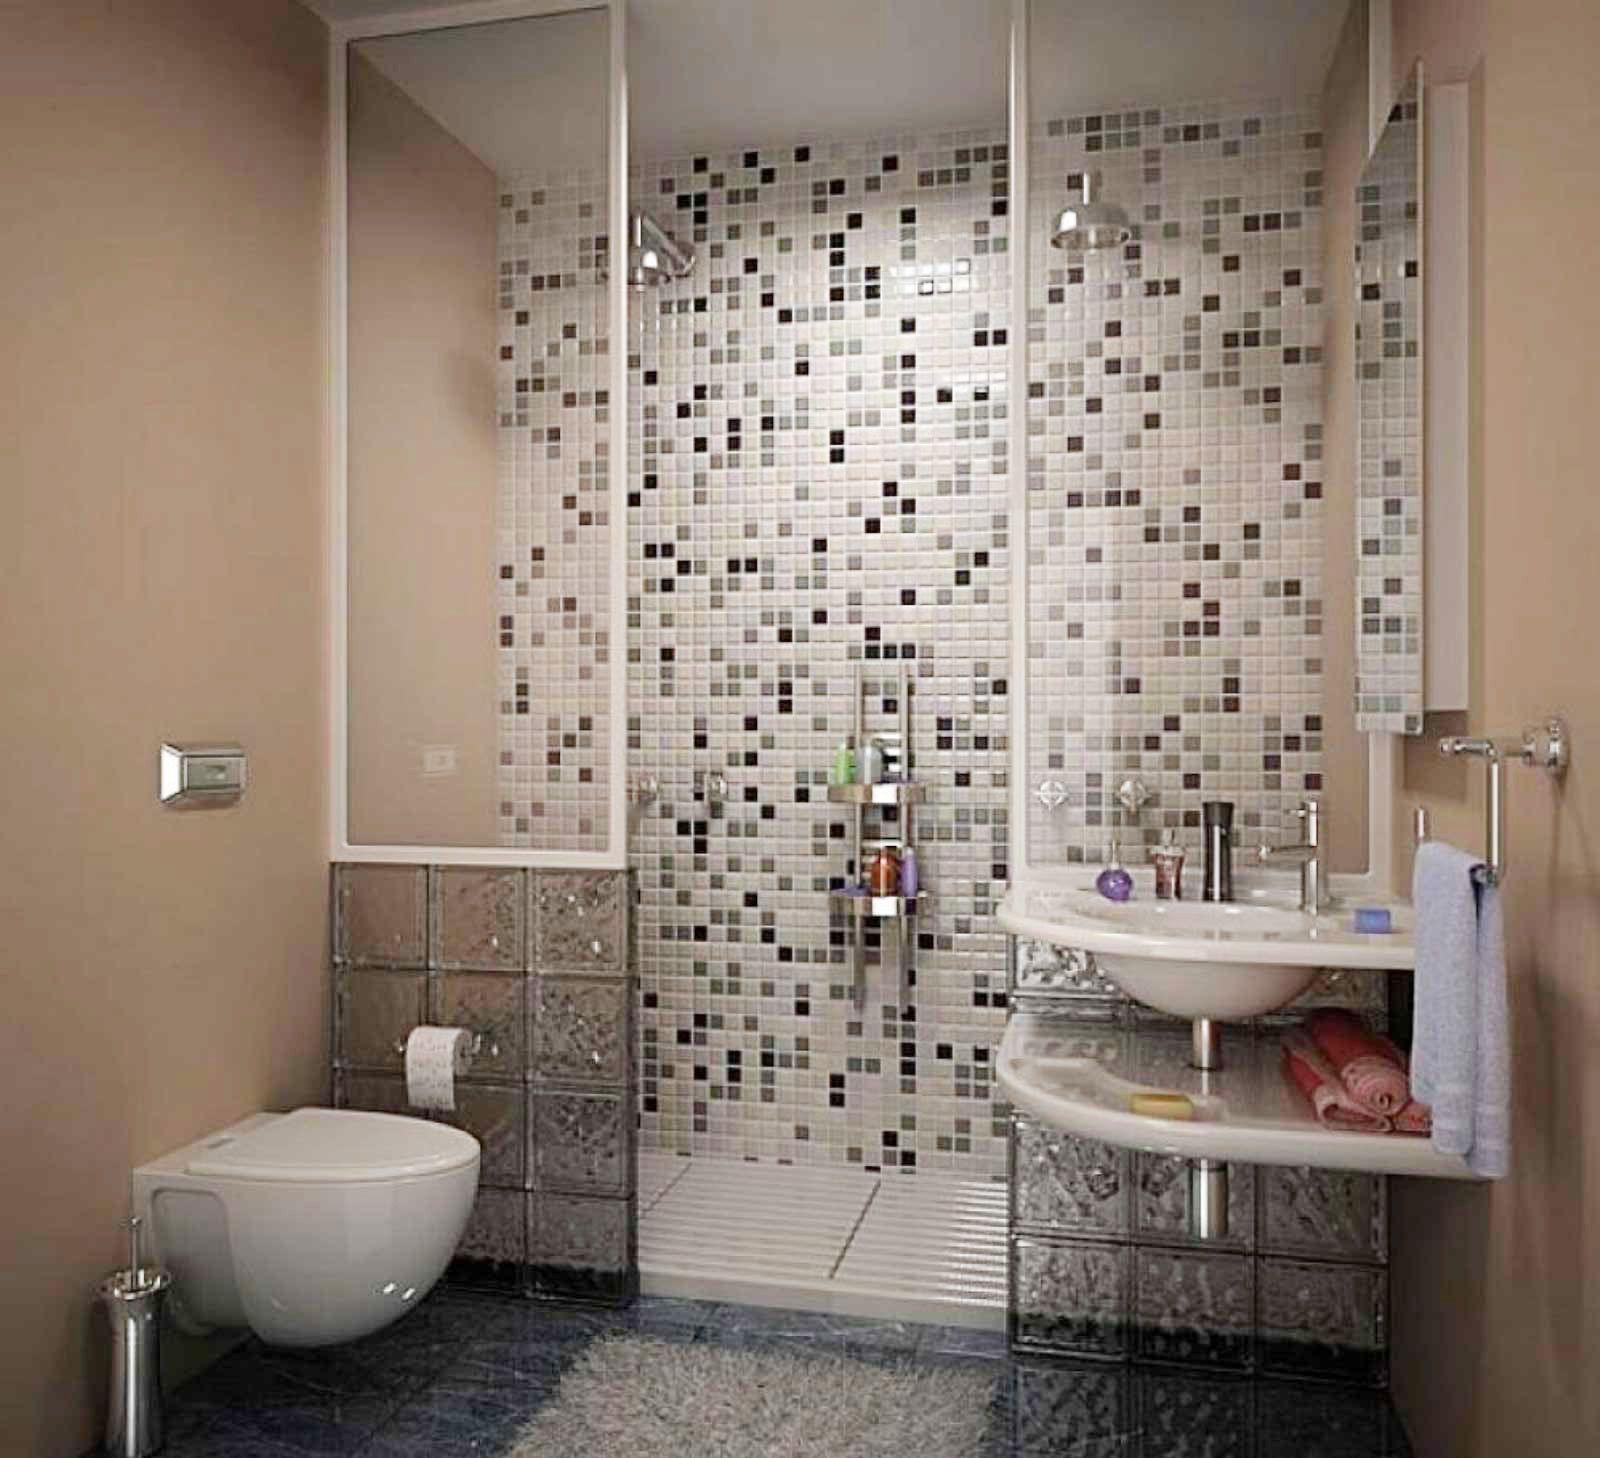 Bathroom ideas for small bathroom